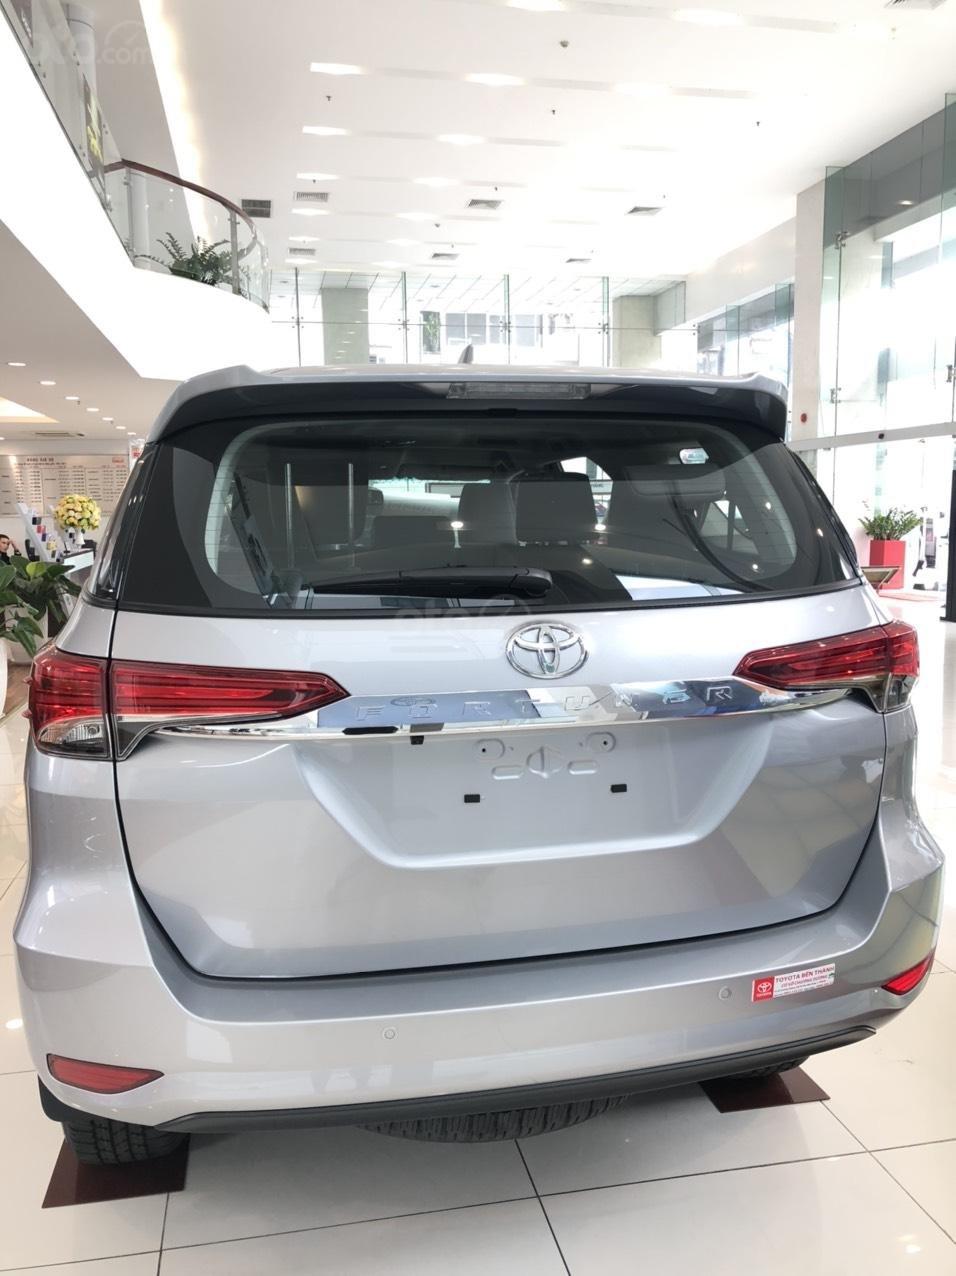 Toyota Fortuner 2019 số tự động máy dầu, hỗ trợ vay với lãi suất 0%, liên hệ 0903 070 070 (3)